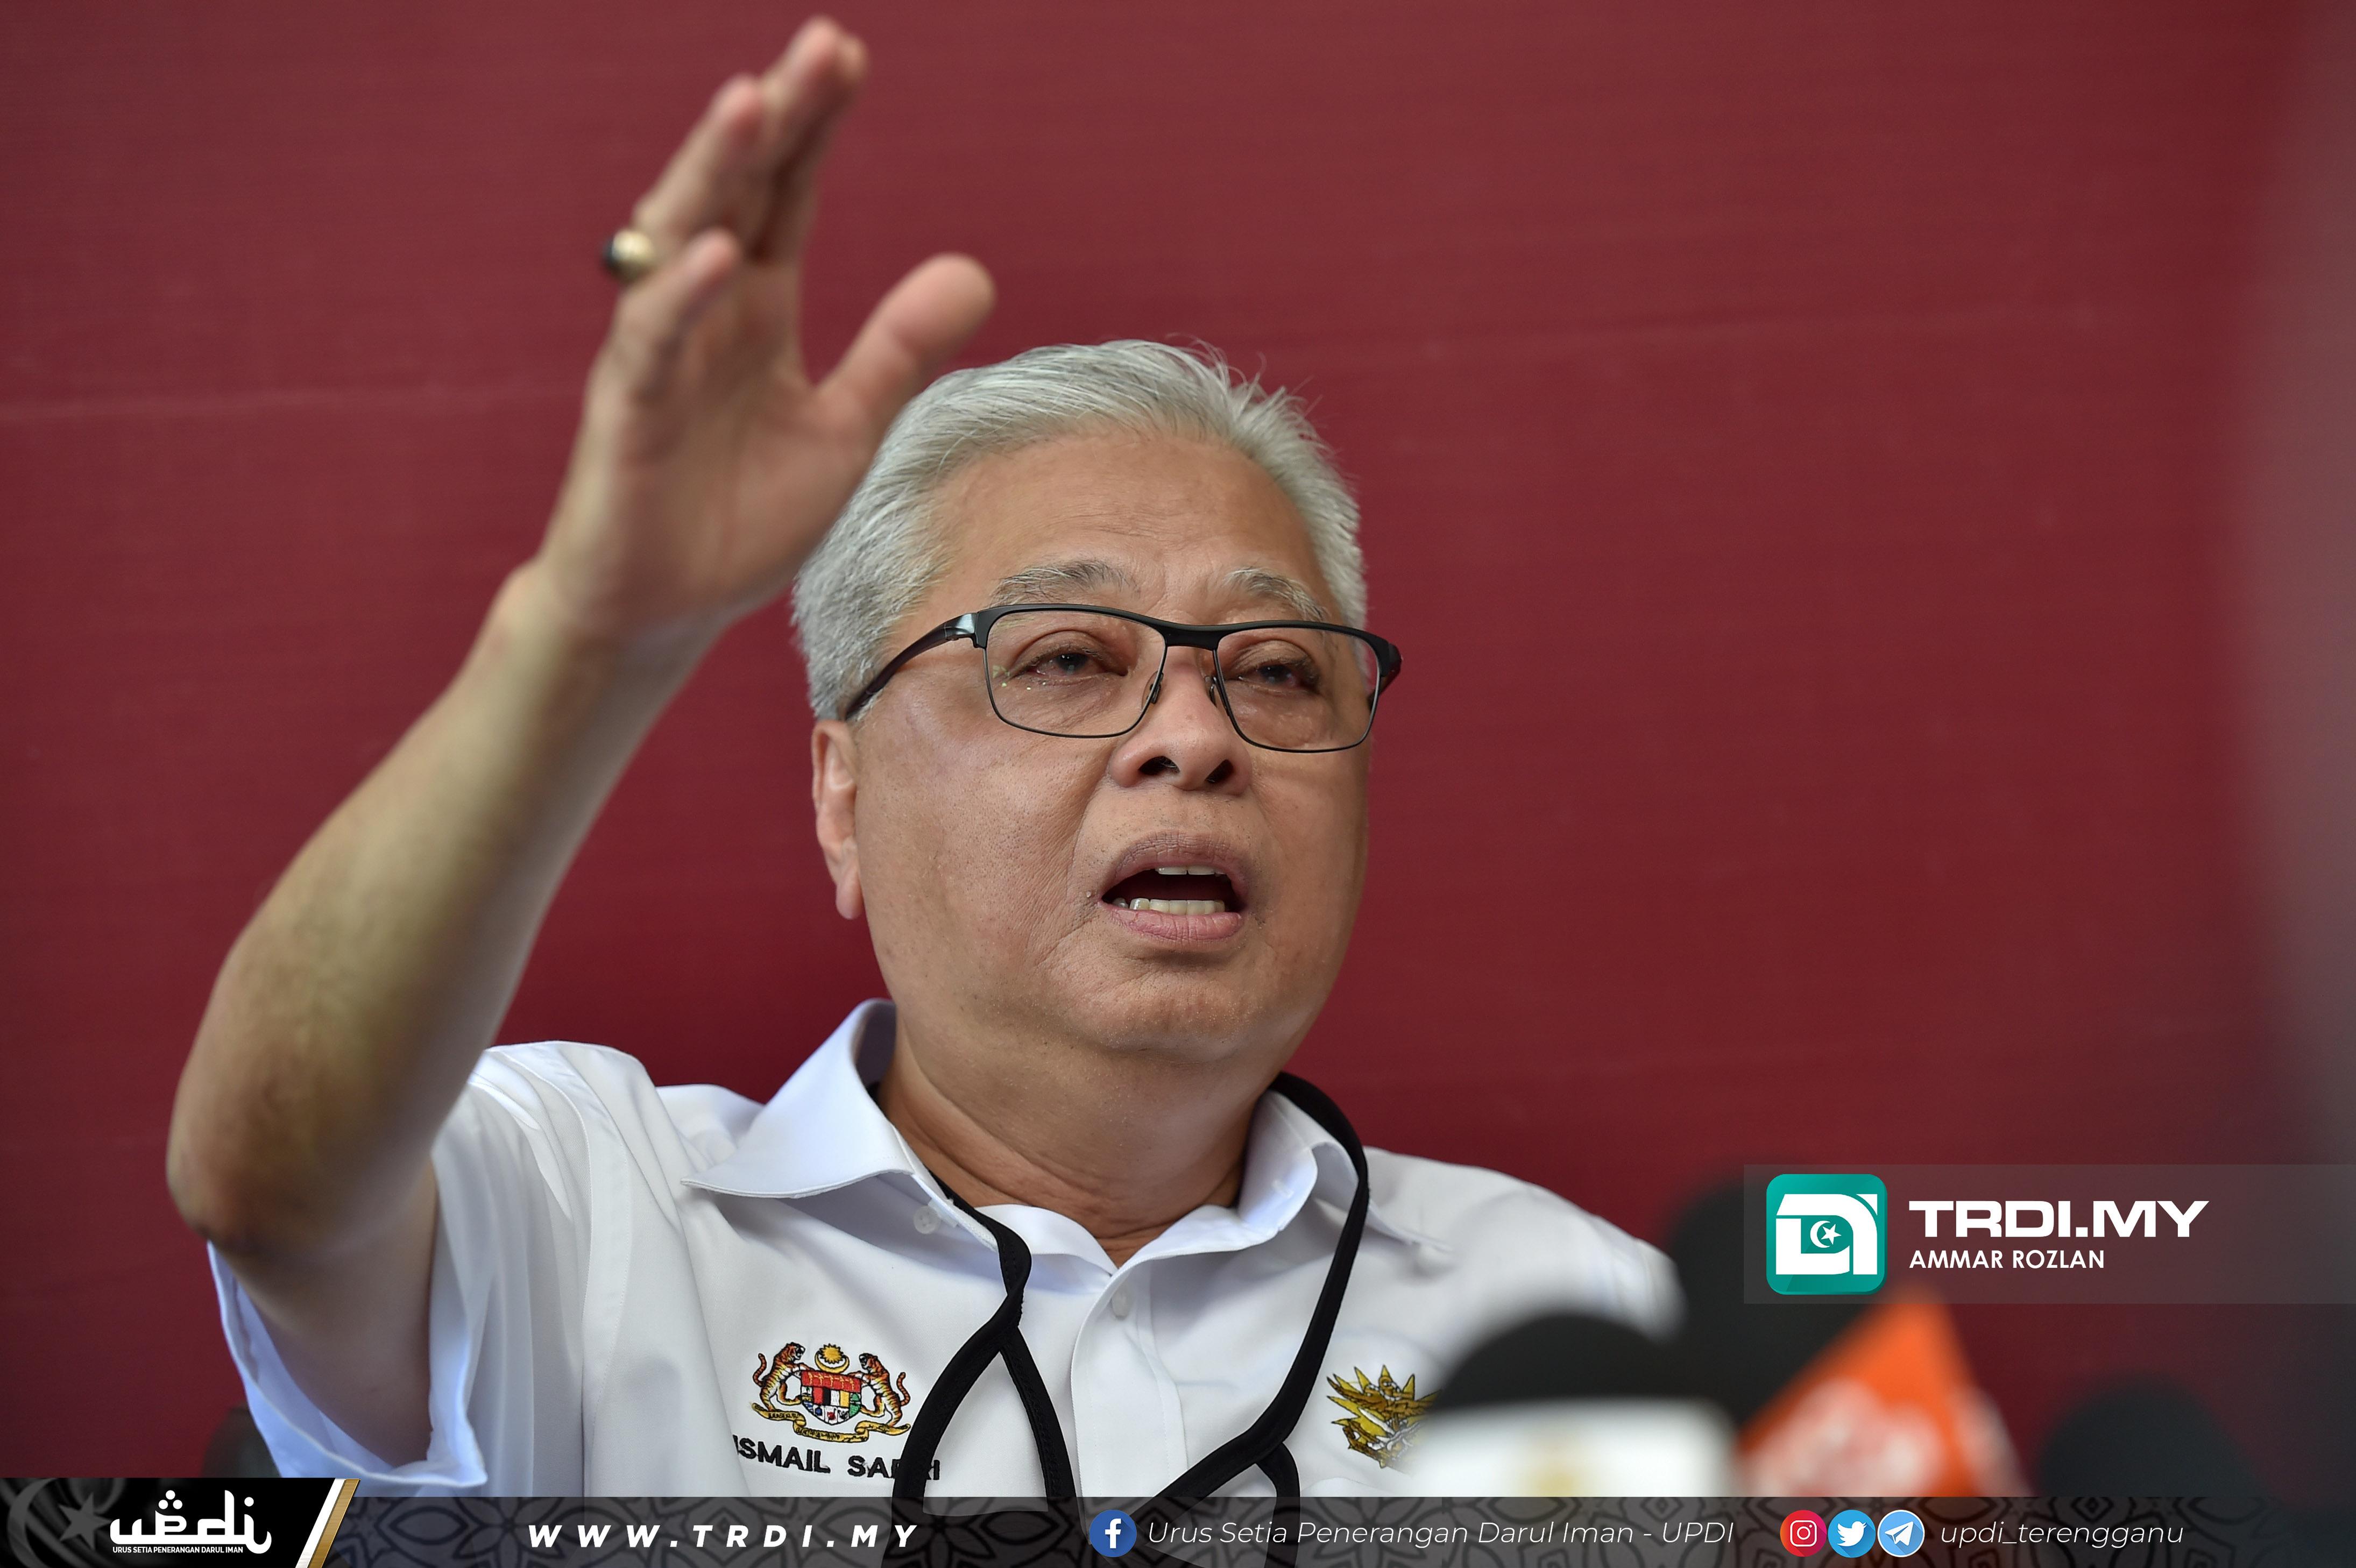 Menteri Kanan Pertahanan, Dato' Sri Ismail Sabri Yaakob mengadakan lawatan kerja ke Batalion Kelapan Belas Rejimen Askar Melayu Diraja (Para), Kem Seri Pantai (Seberang Takir)